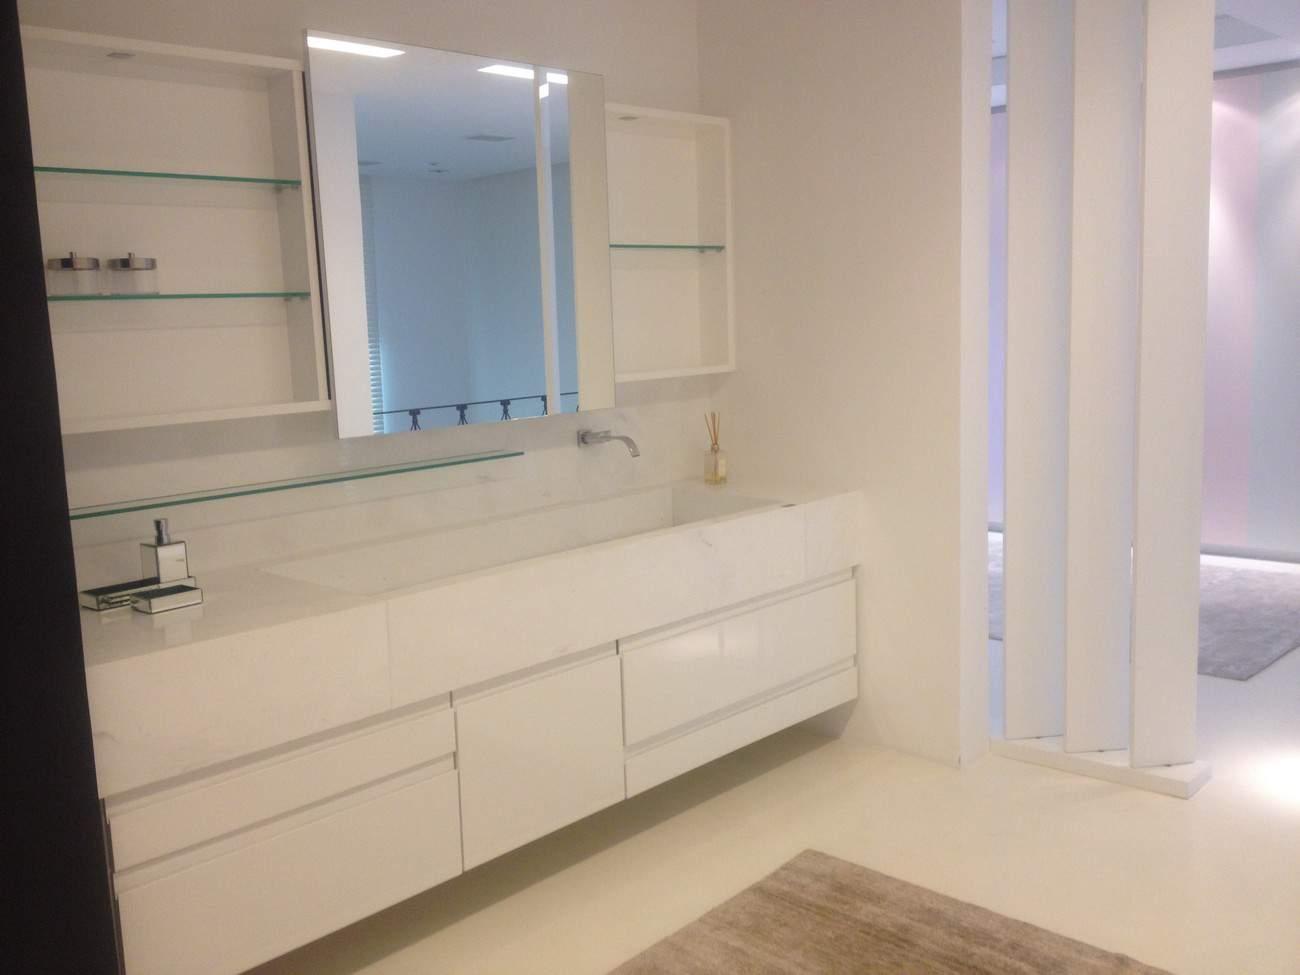 granitos brancos para cozinhas e banheiros Construção e Design #806A4B 1300 975